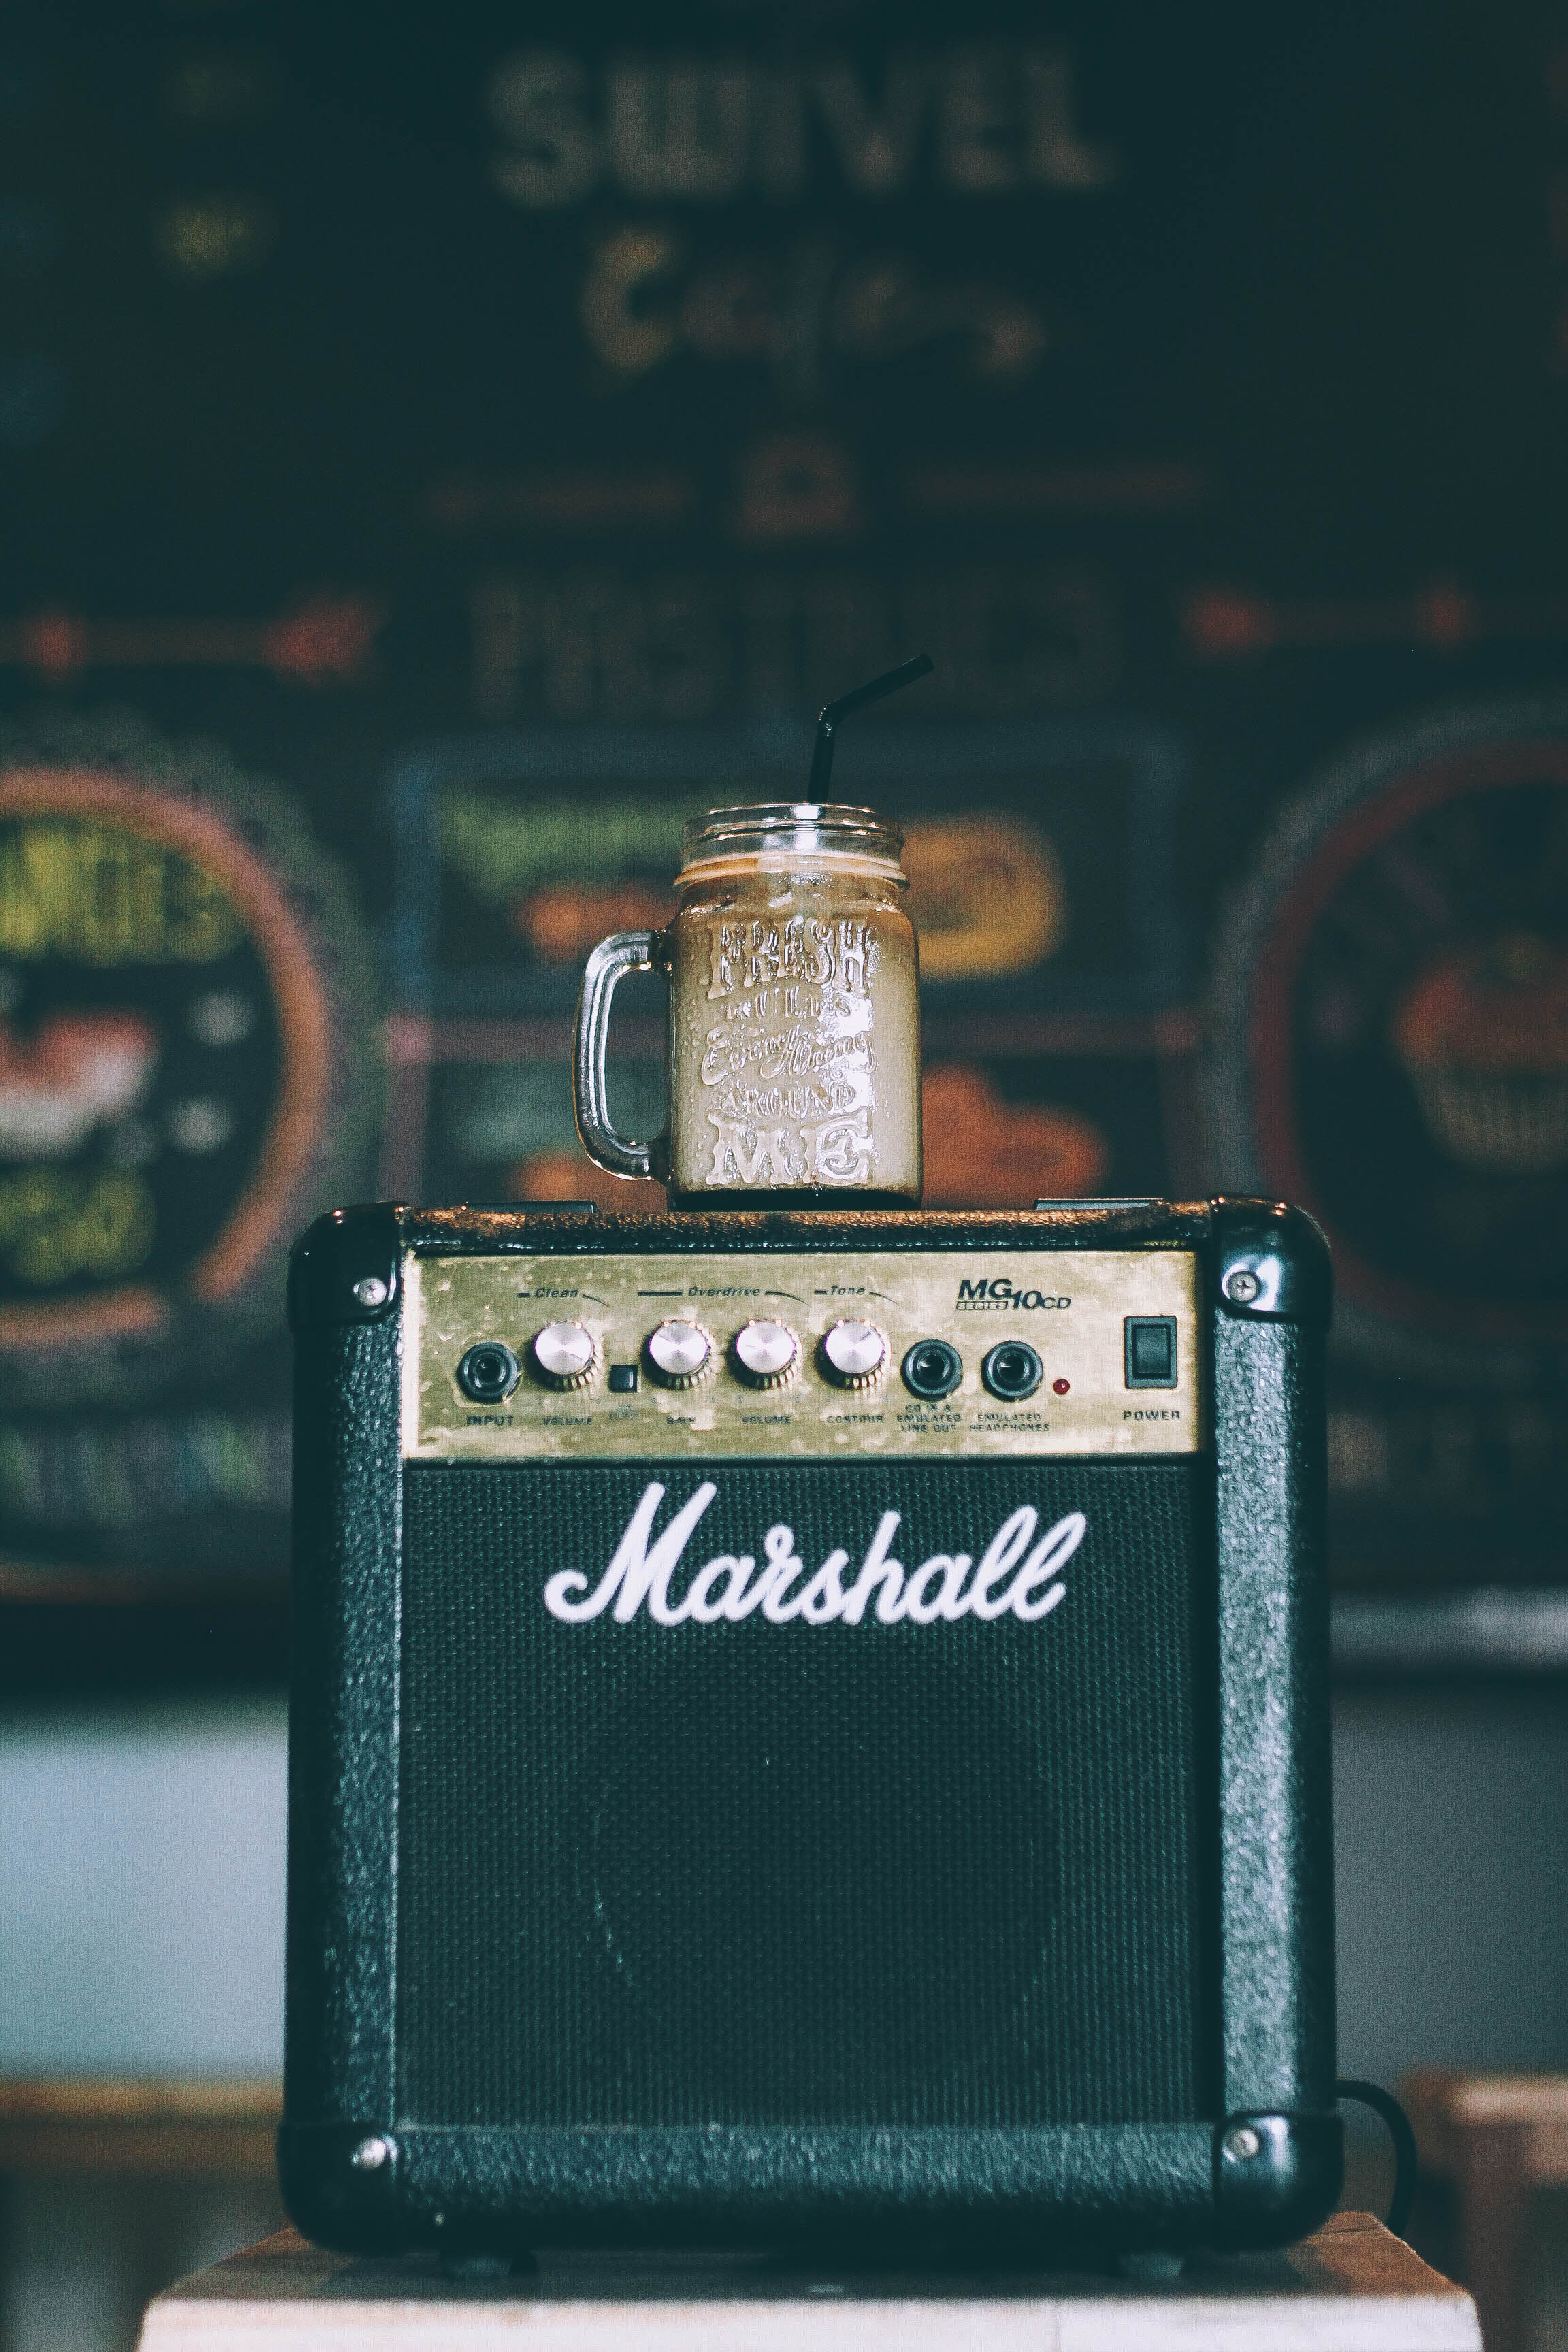 Marshall Speaker - Unsplash - pao-edu-103398.jpg